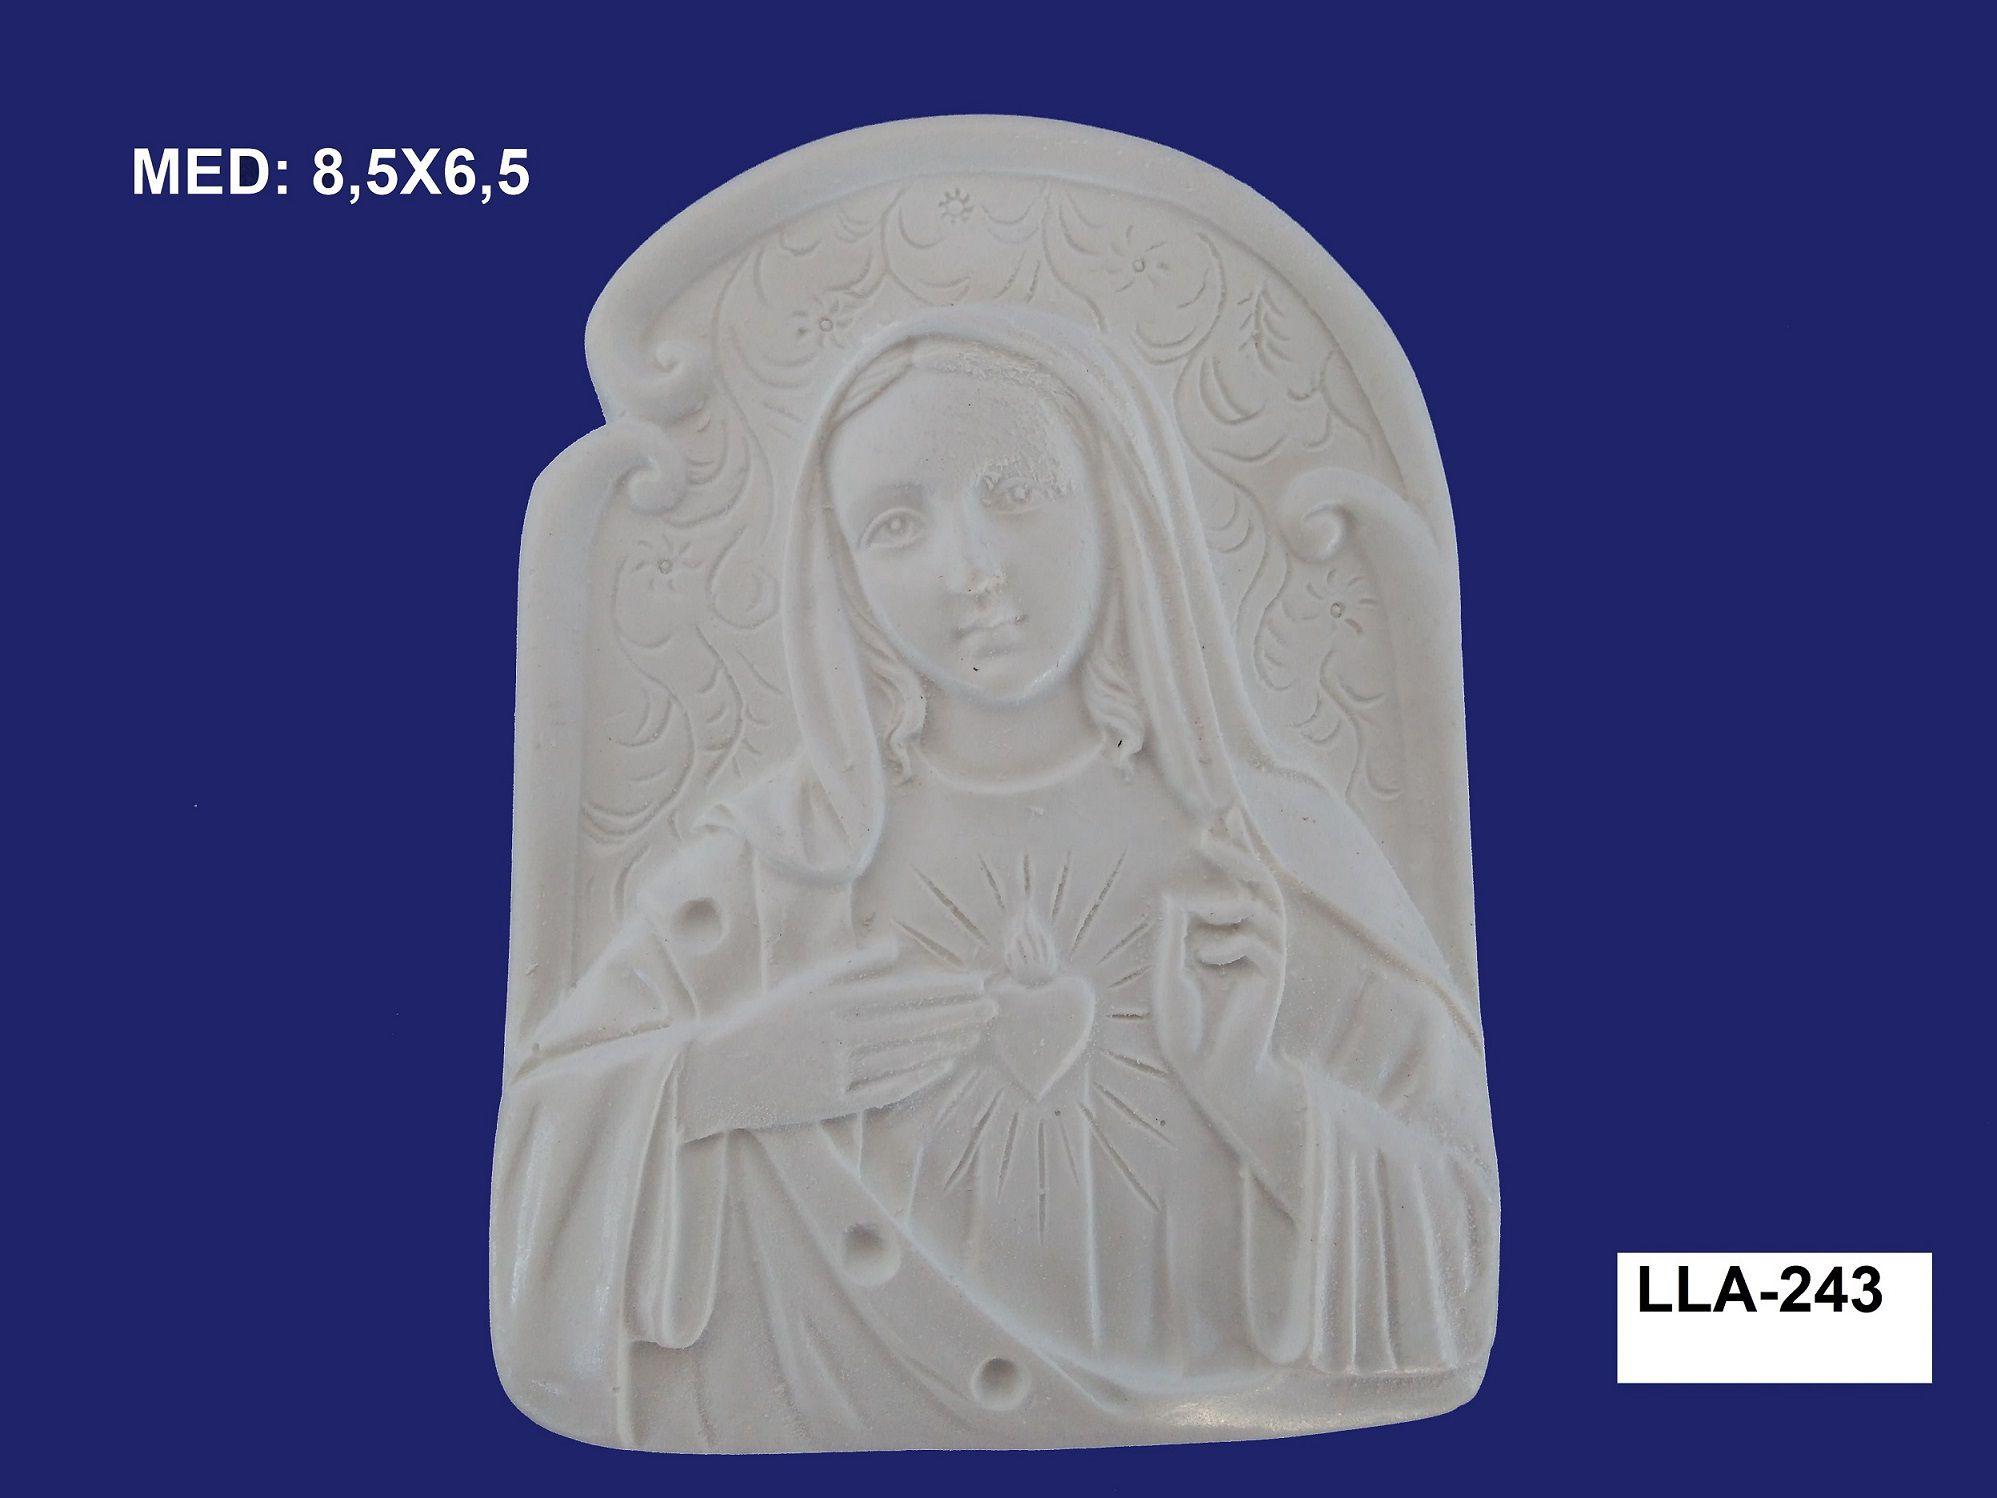 LLA-243 APLIQUE MARIA 8,5X6,5CM